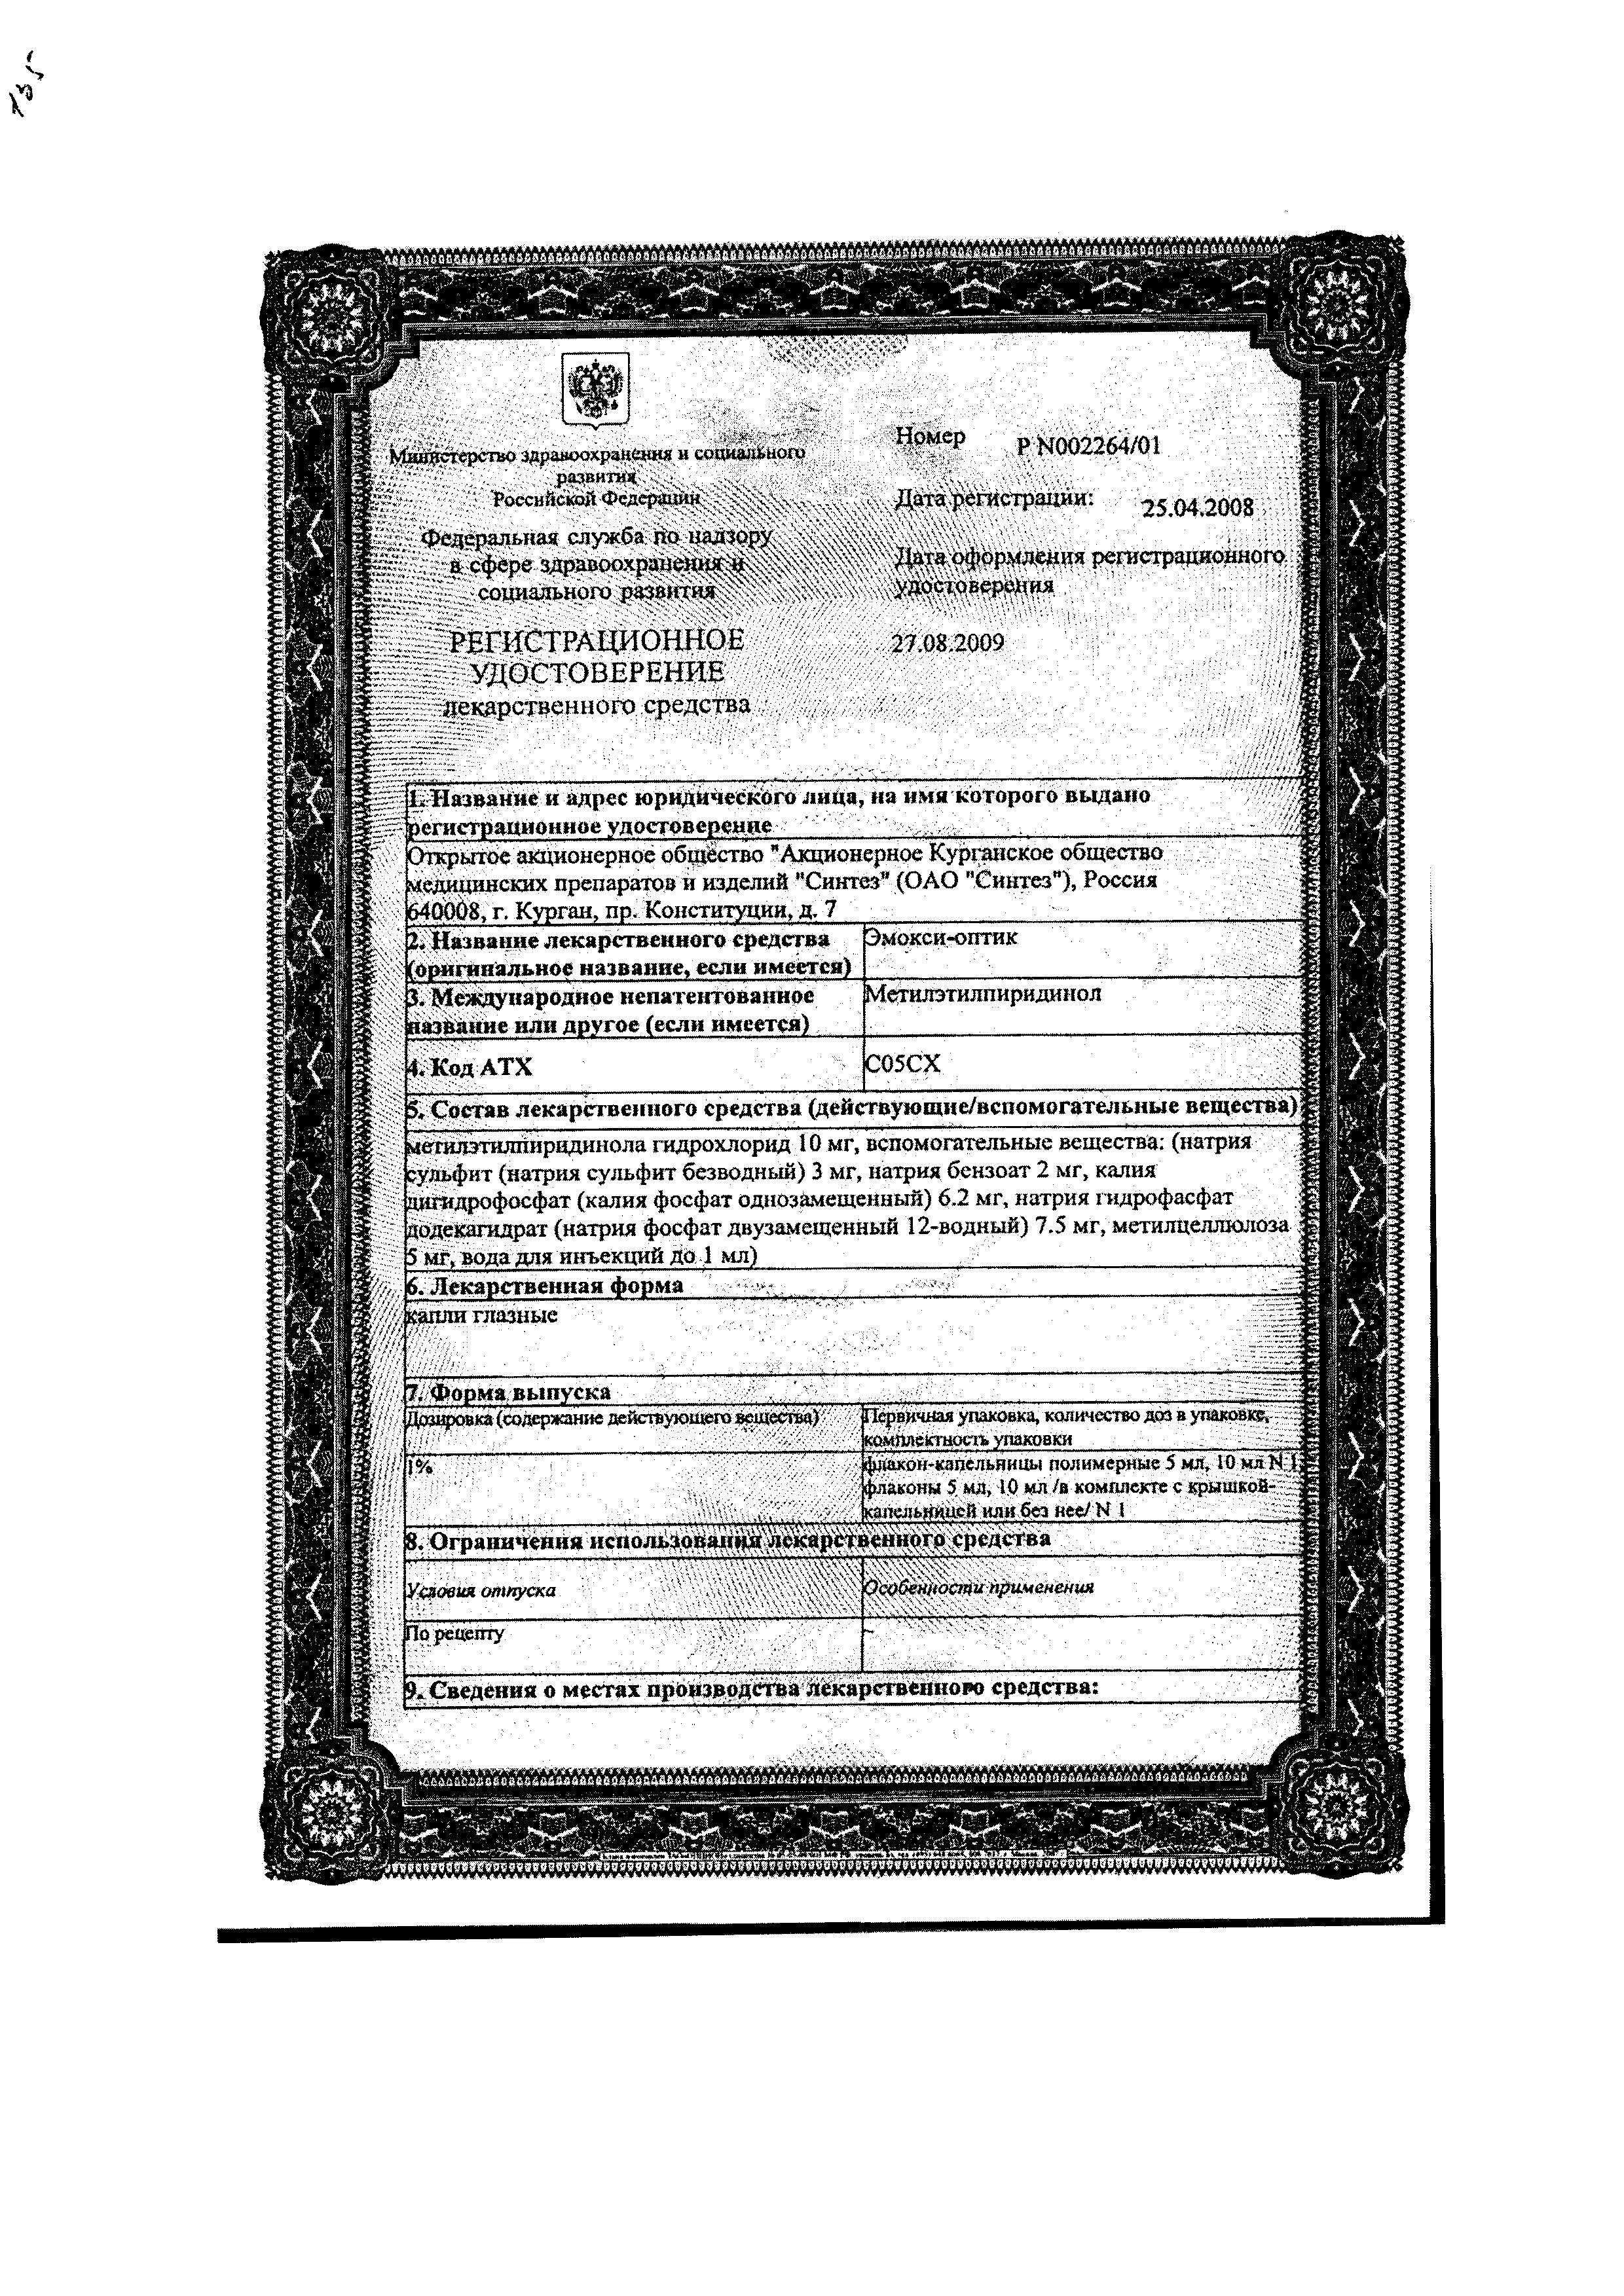 Эмокси-оптик сертификат